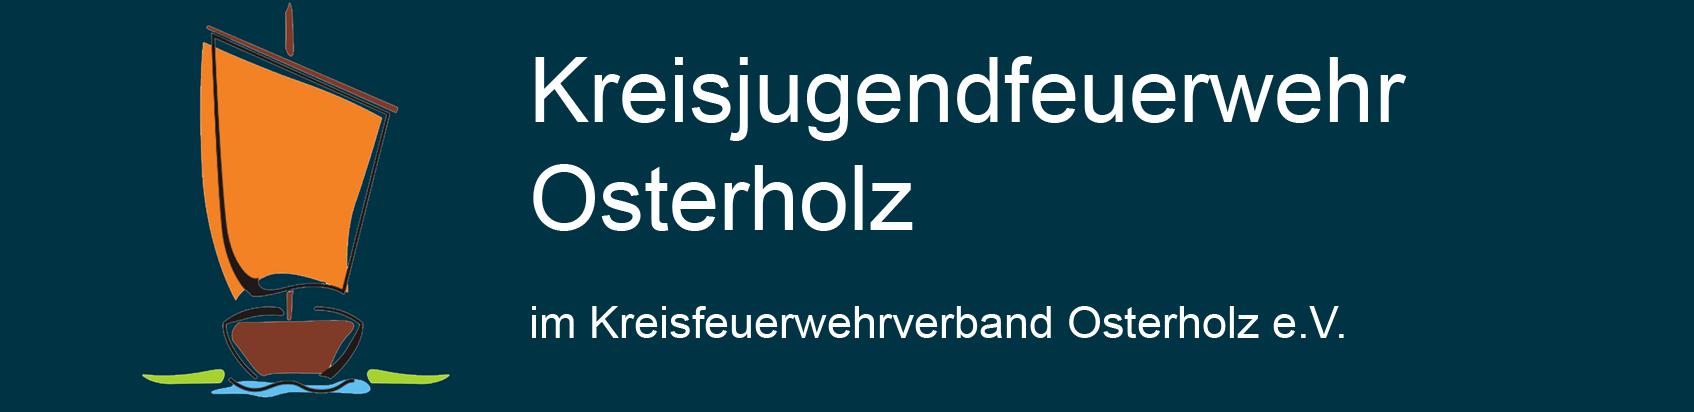 Kreisjugendfeuerwehr Osterholz